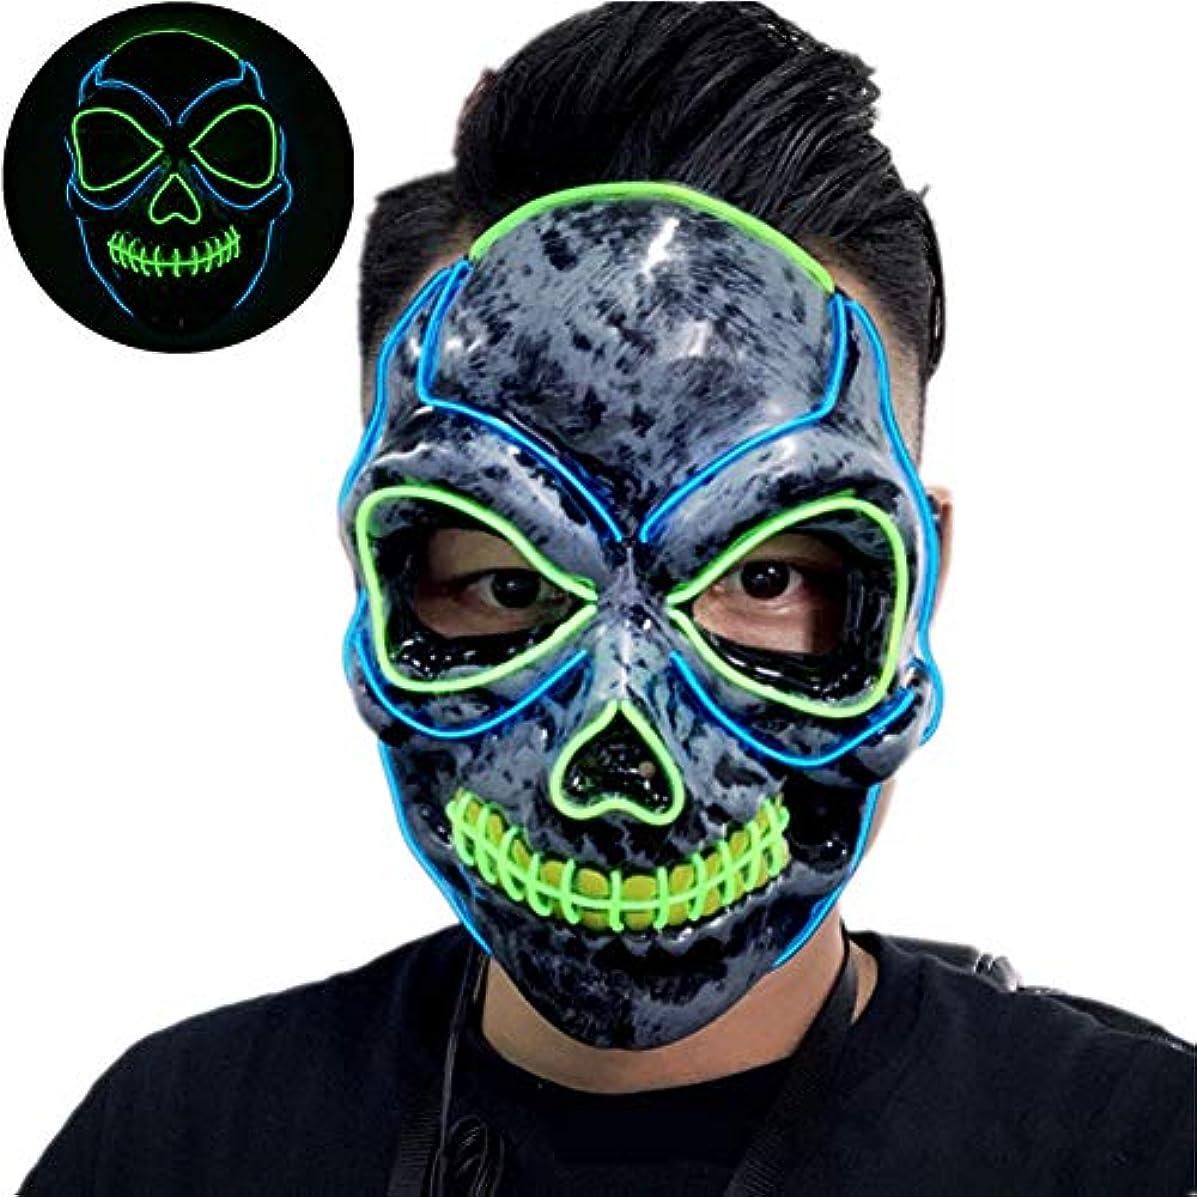 散る増幅器ダッシュハロウィーンマスク、しかめっ面、テーマパーティー、カーニバル、ハロウィーン、レイブパーティー、クリスマスなどに適しています。